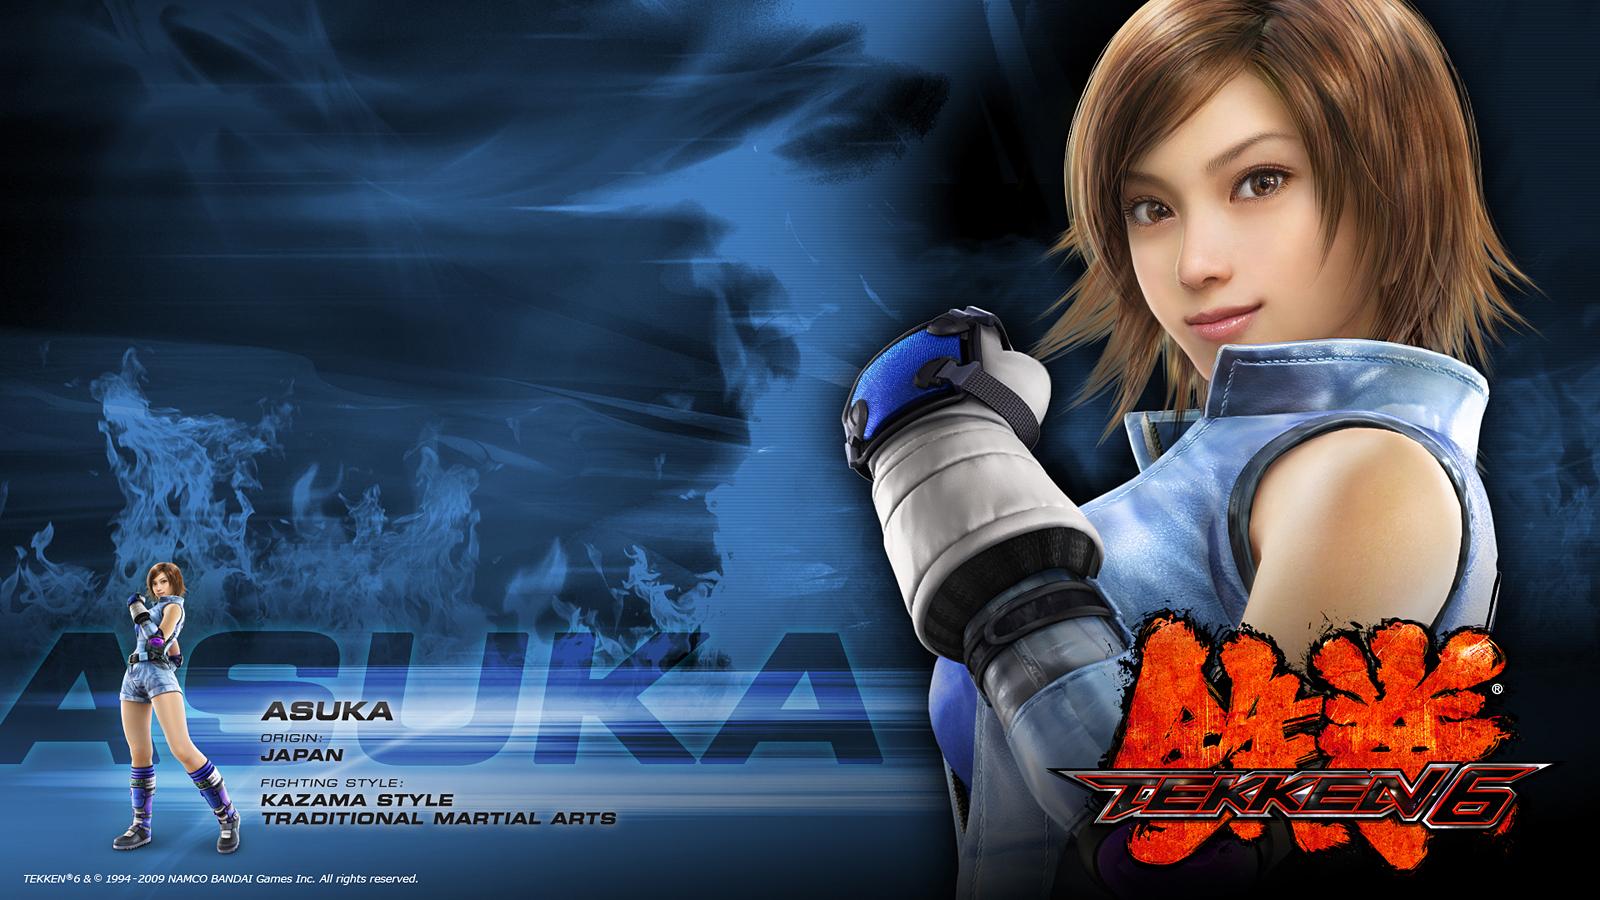 Tekken 6 Wallpaper 1600x900 Tekken 6 1600x900